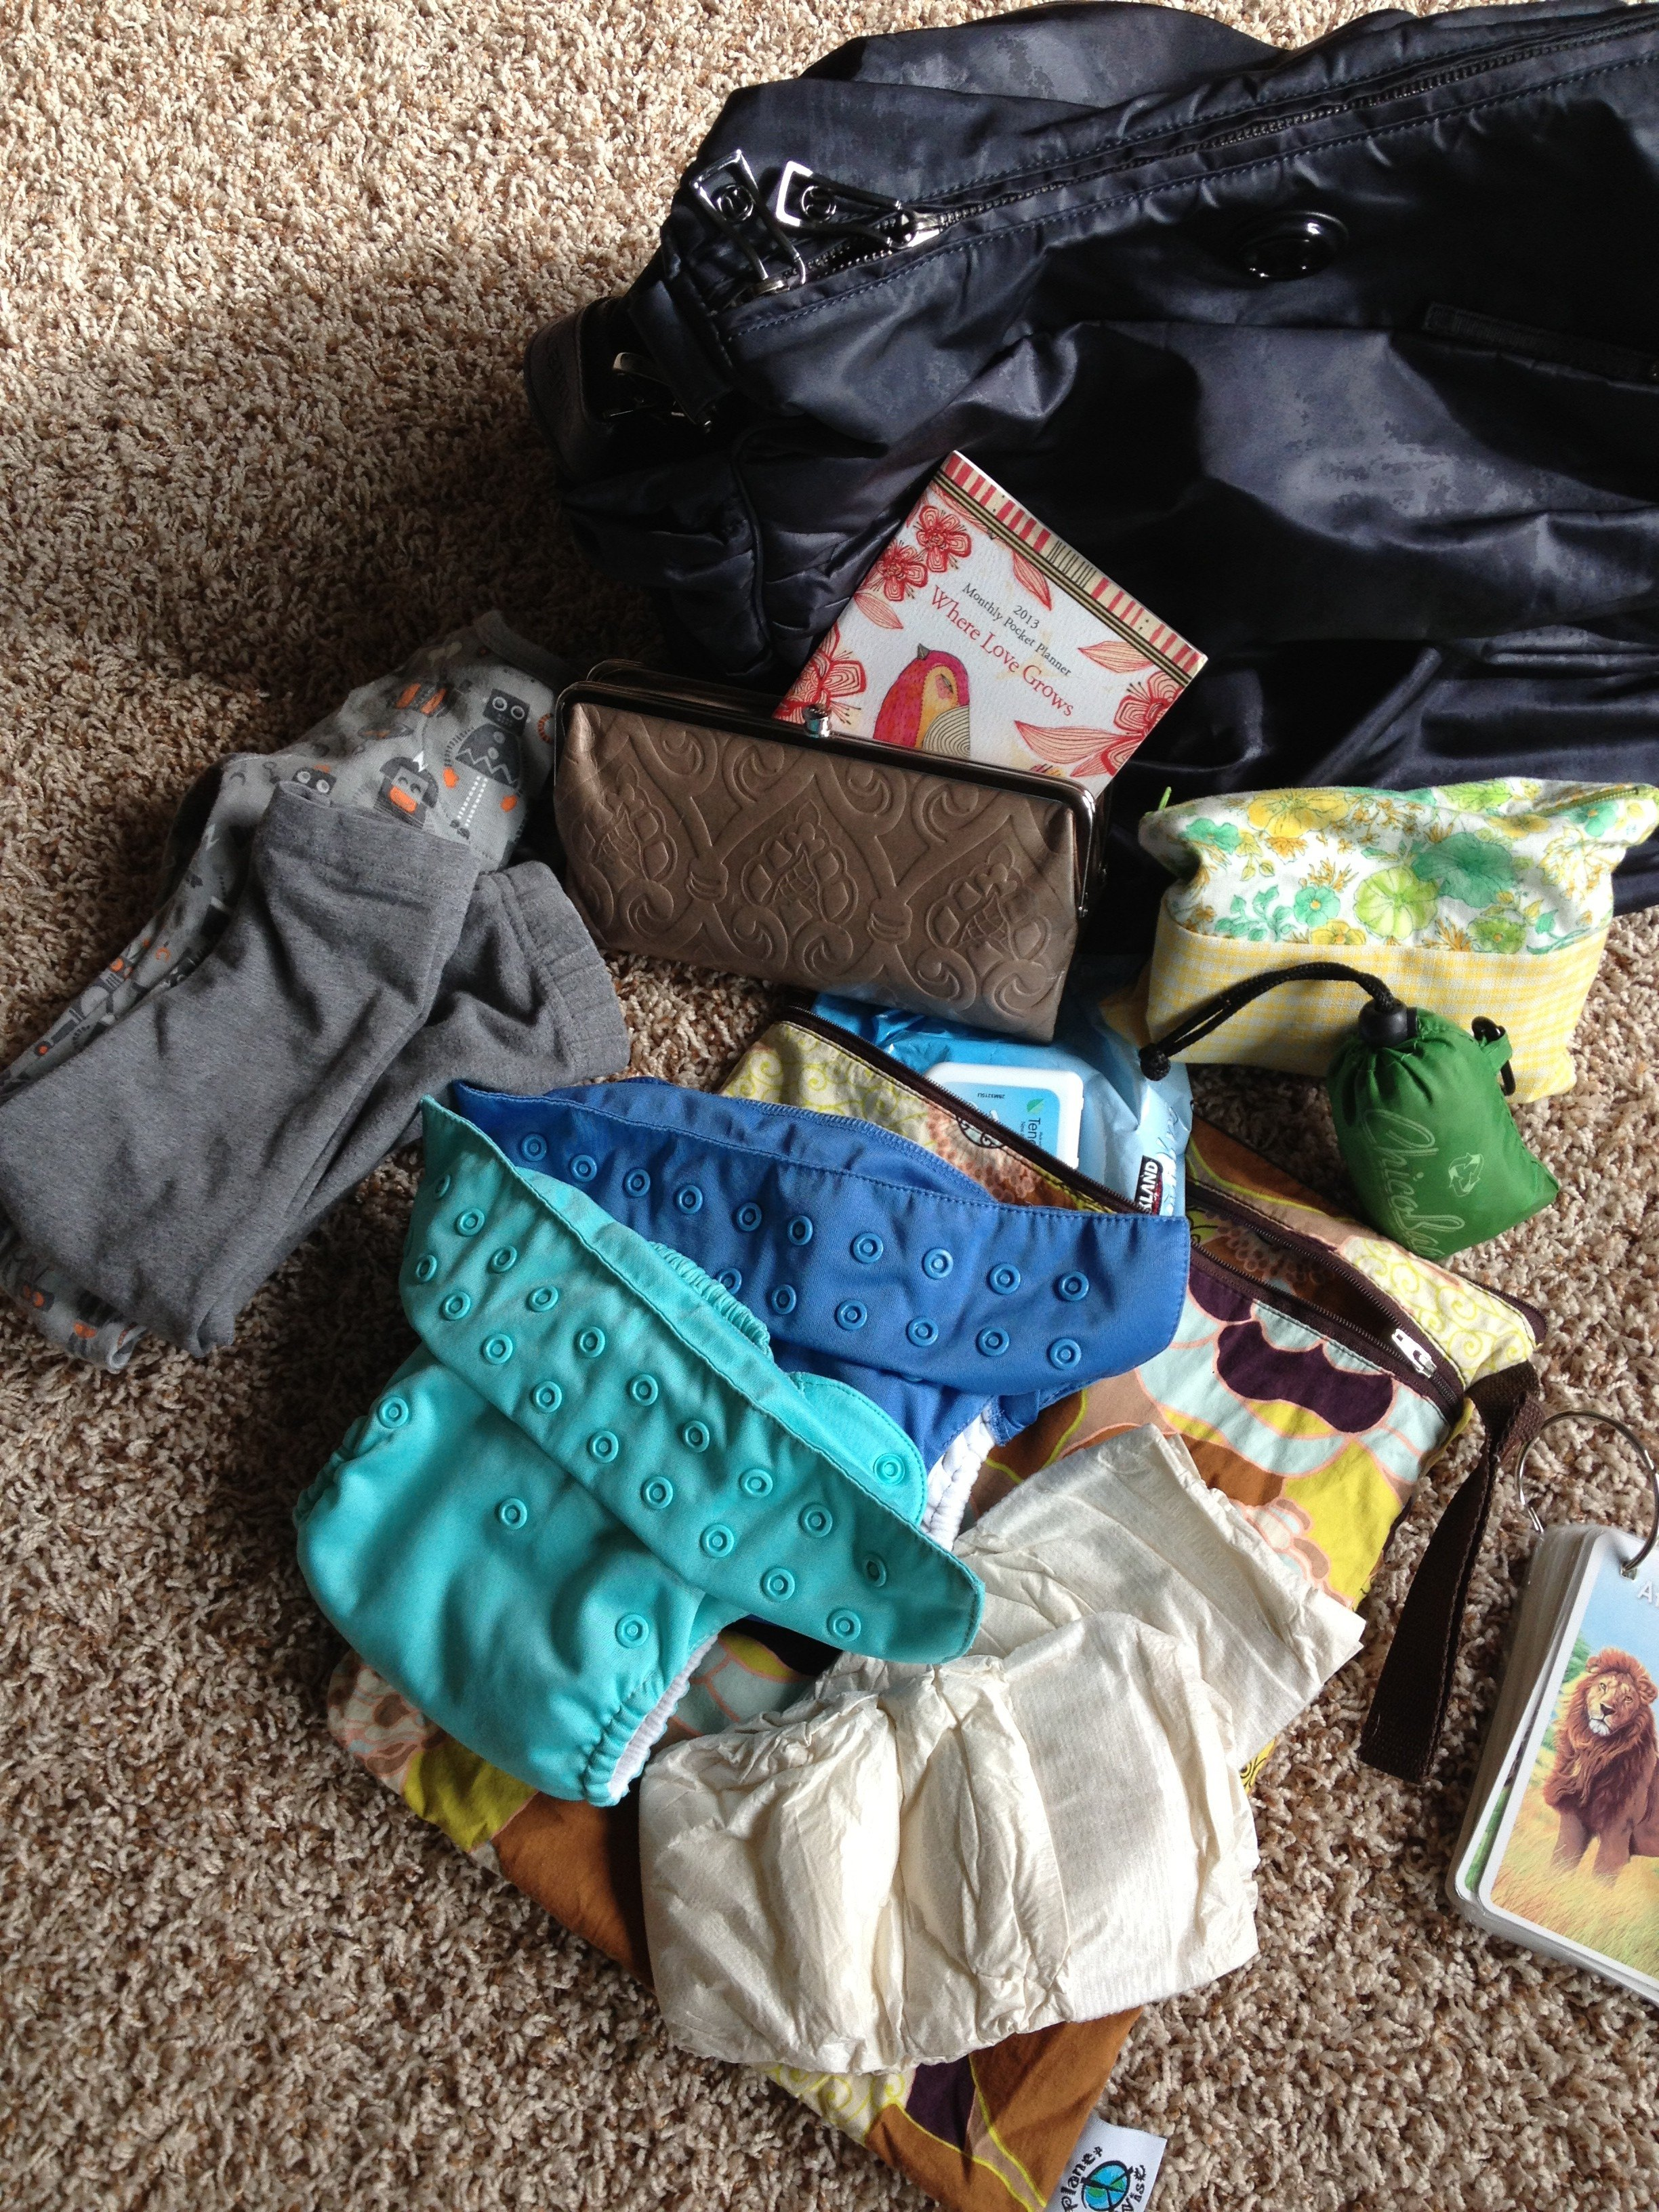 diaper bag contents